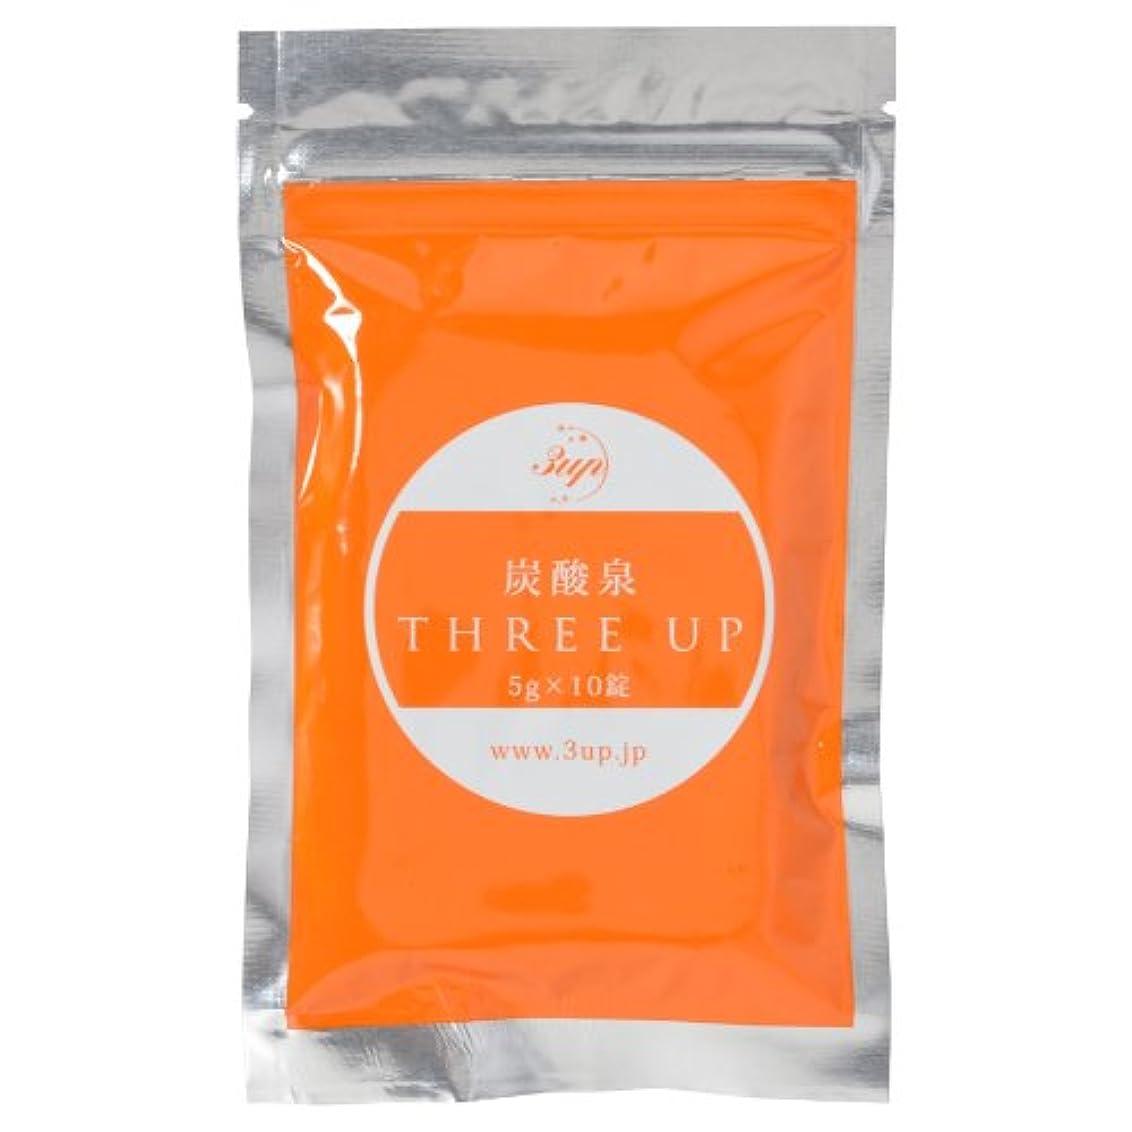 宿比類なき発疹3upスリーアップ 重炭酸イオンタブレット(洗顔用) 1袋:5g×10錠